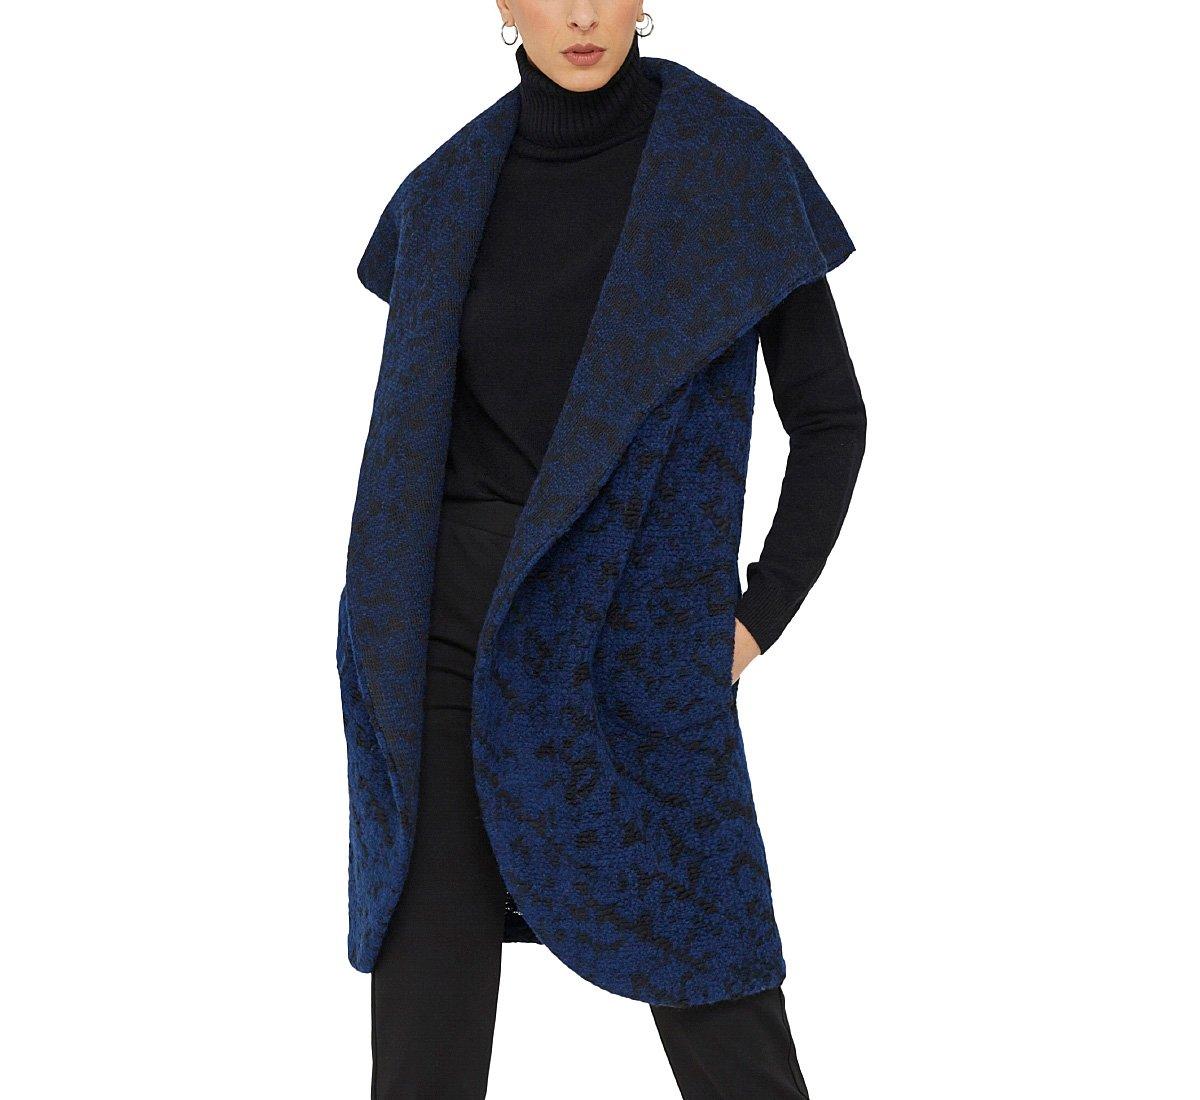 Wool gilet